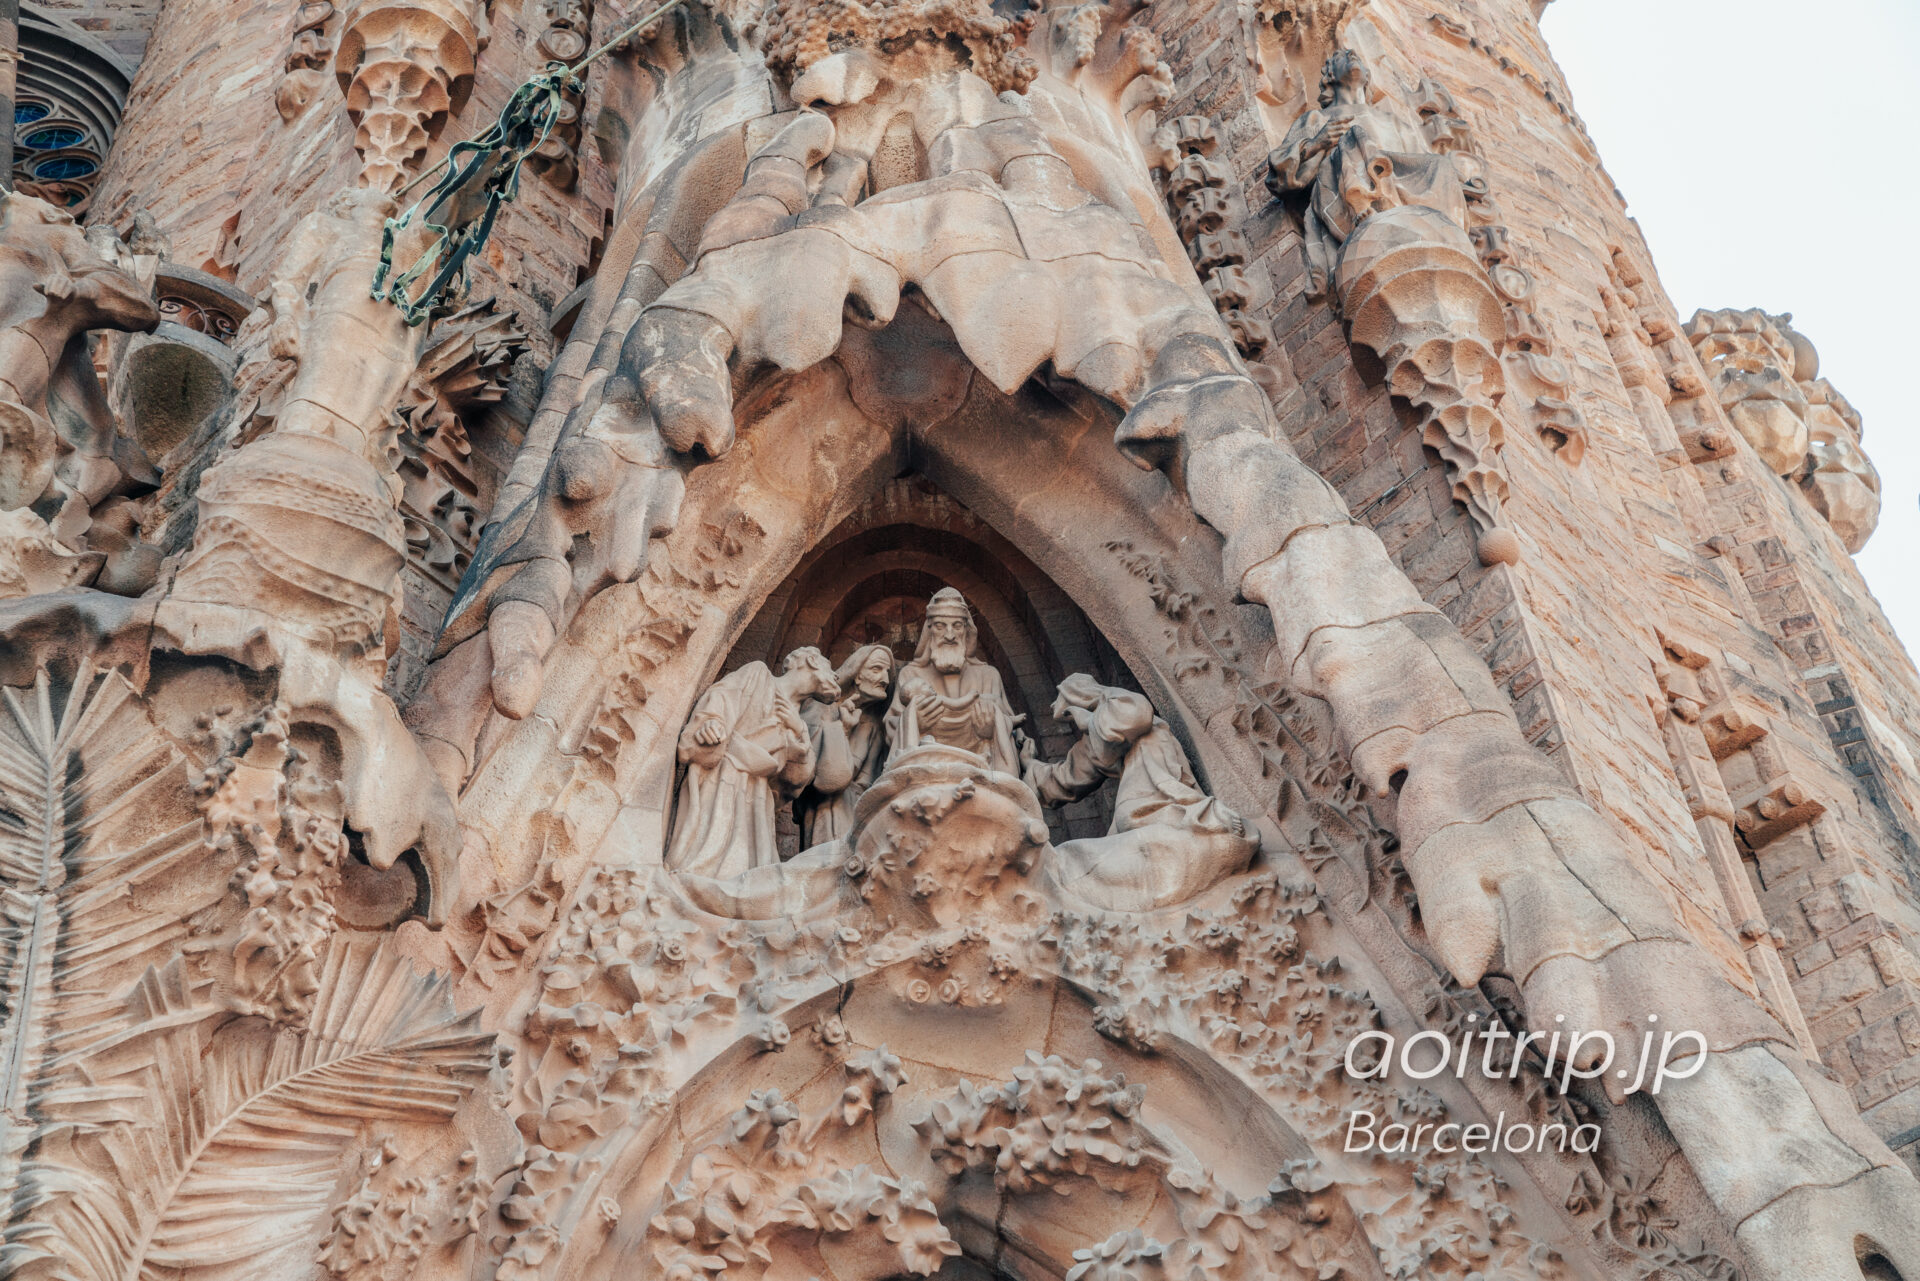 Basílica de la Sagrada Família(Façana del Naixement, The presentation of Jesus in the temple)